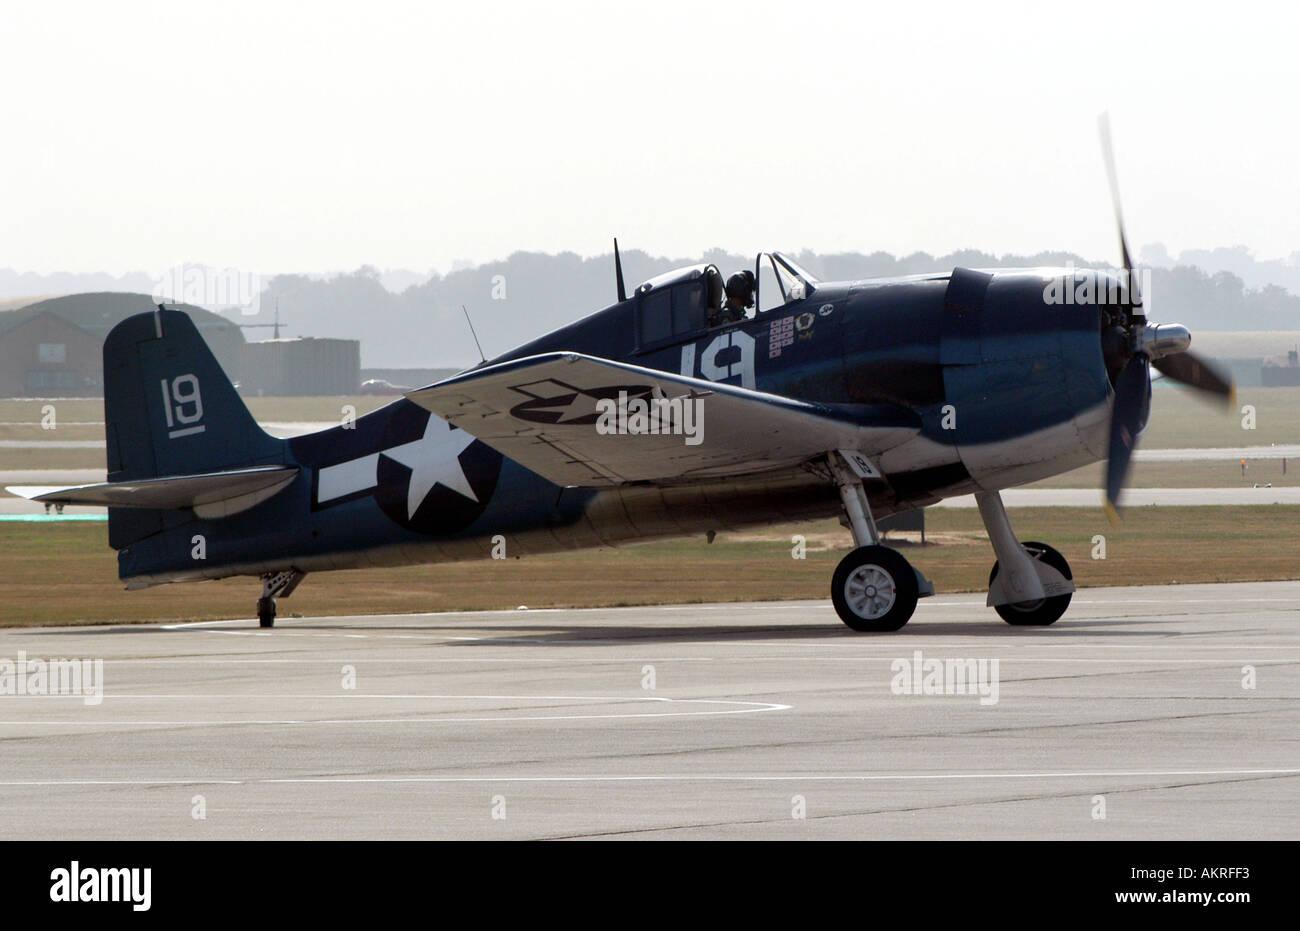 Ww2 pacific theatre of war grumman hellcat aircraft stock photo ww2 pacific theatre of war grumman hellcat aircraft publicscrutiny Image collections